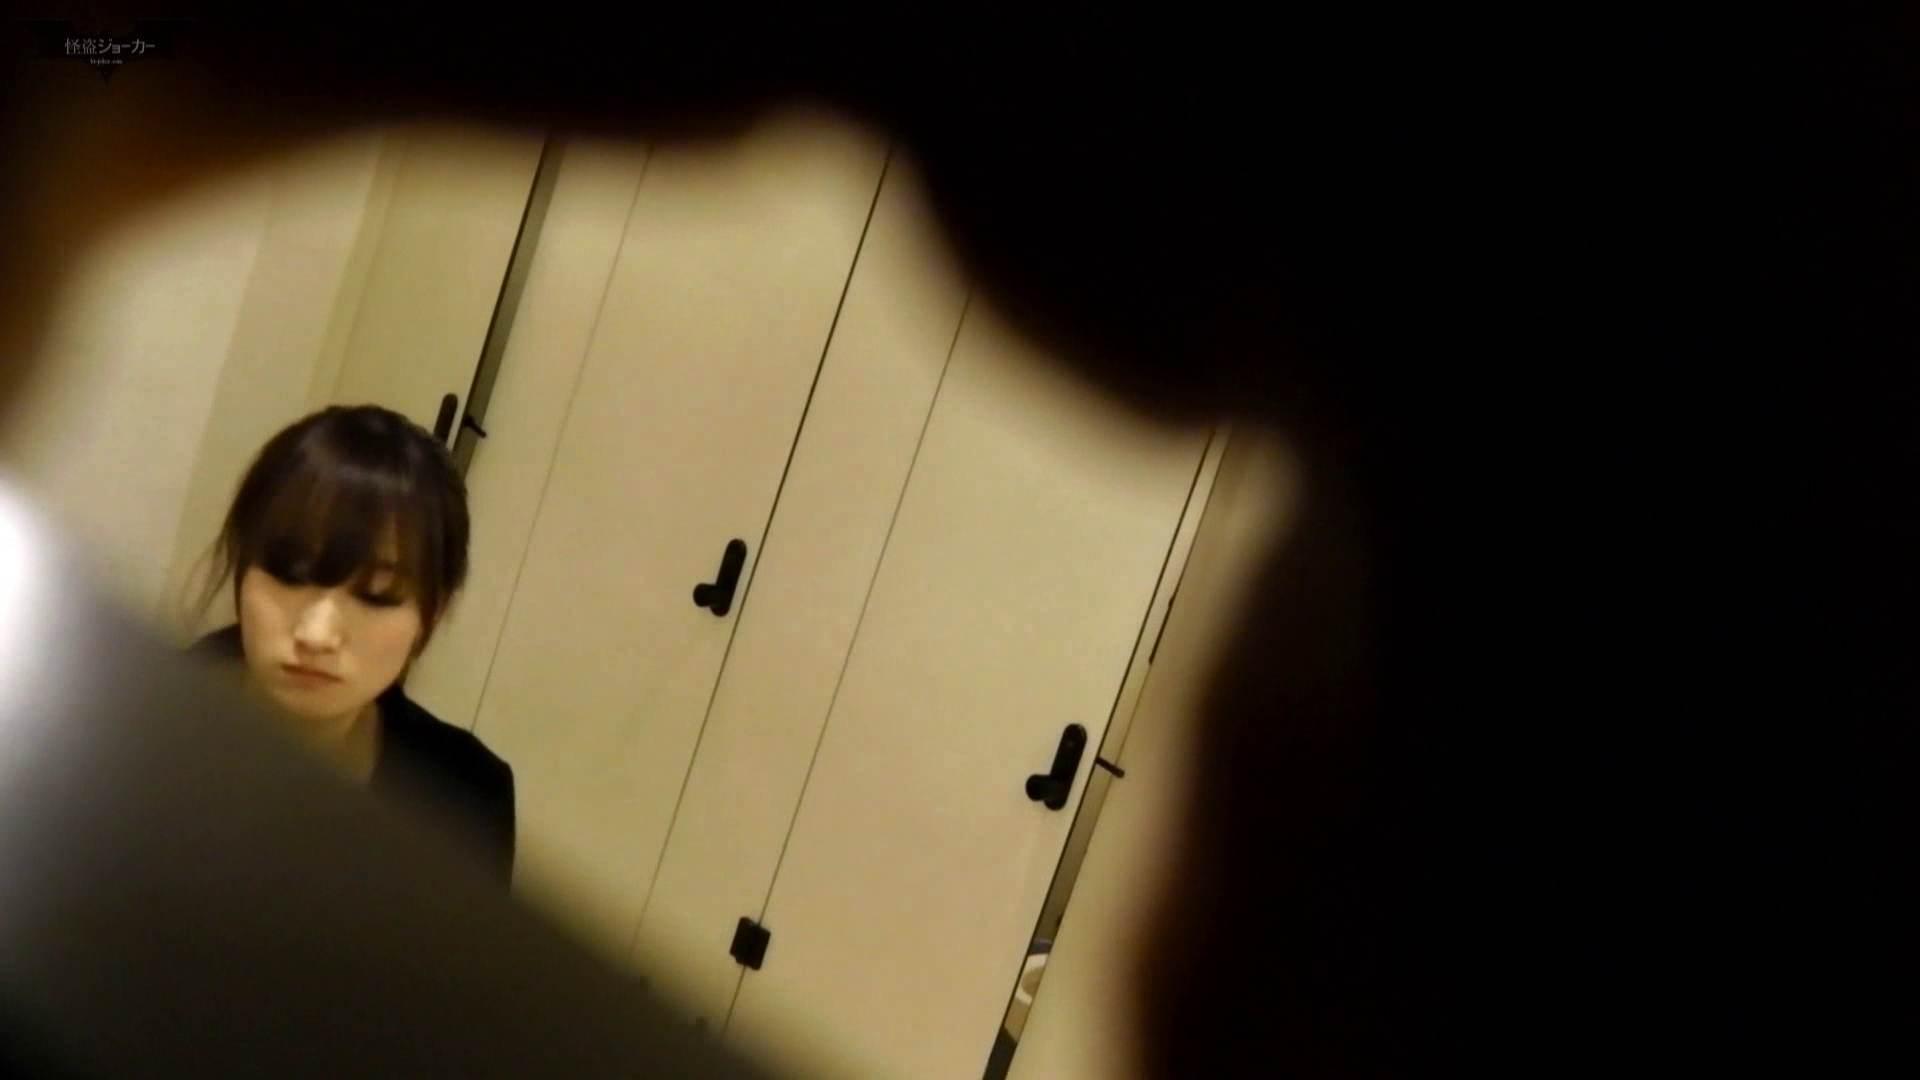 新世界の射窓 No70 世界の窓70 八頭身美女のエロい中腰 洗面所 AV動画キャプチャ 101画像 77